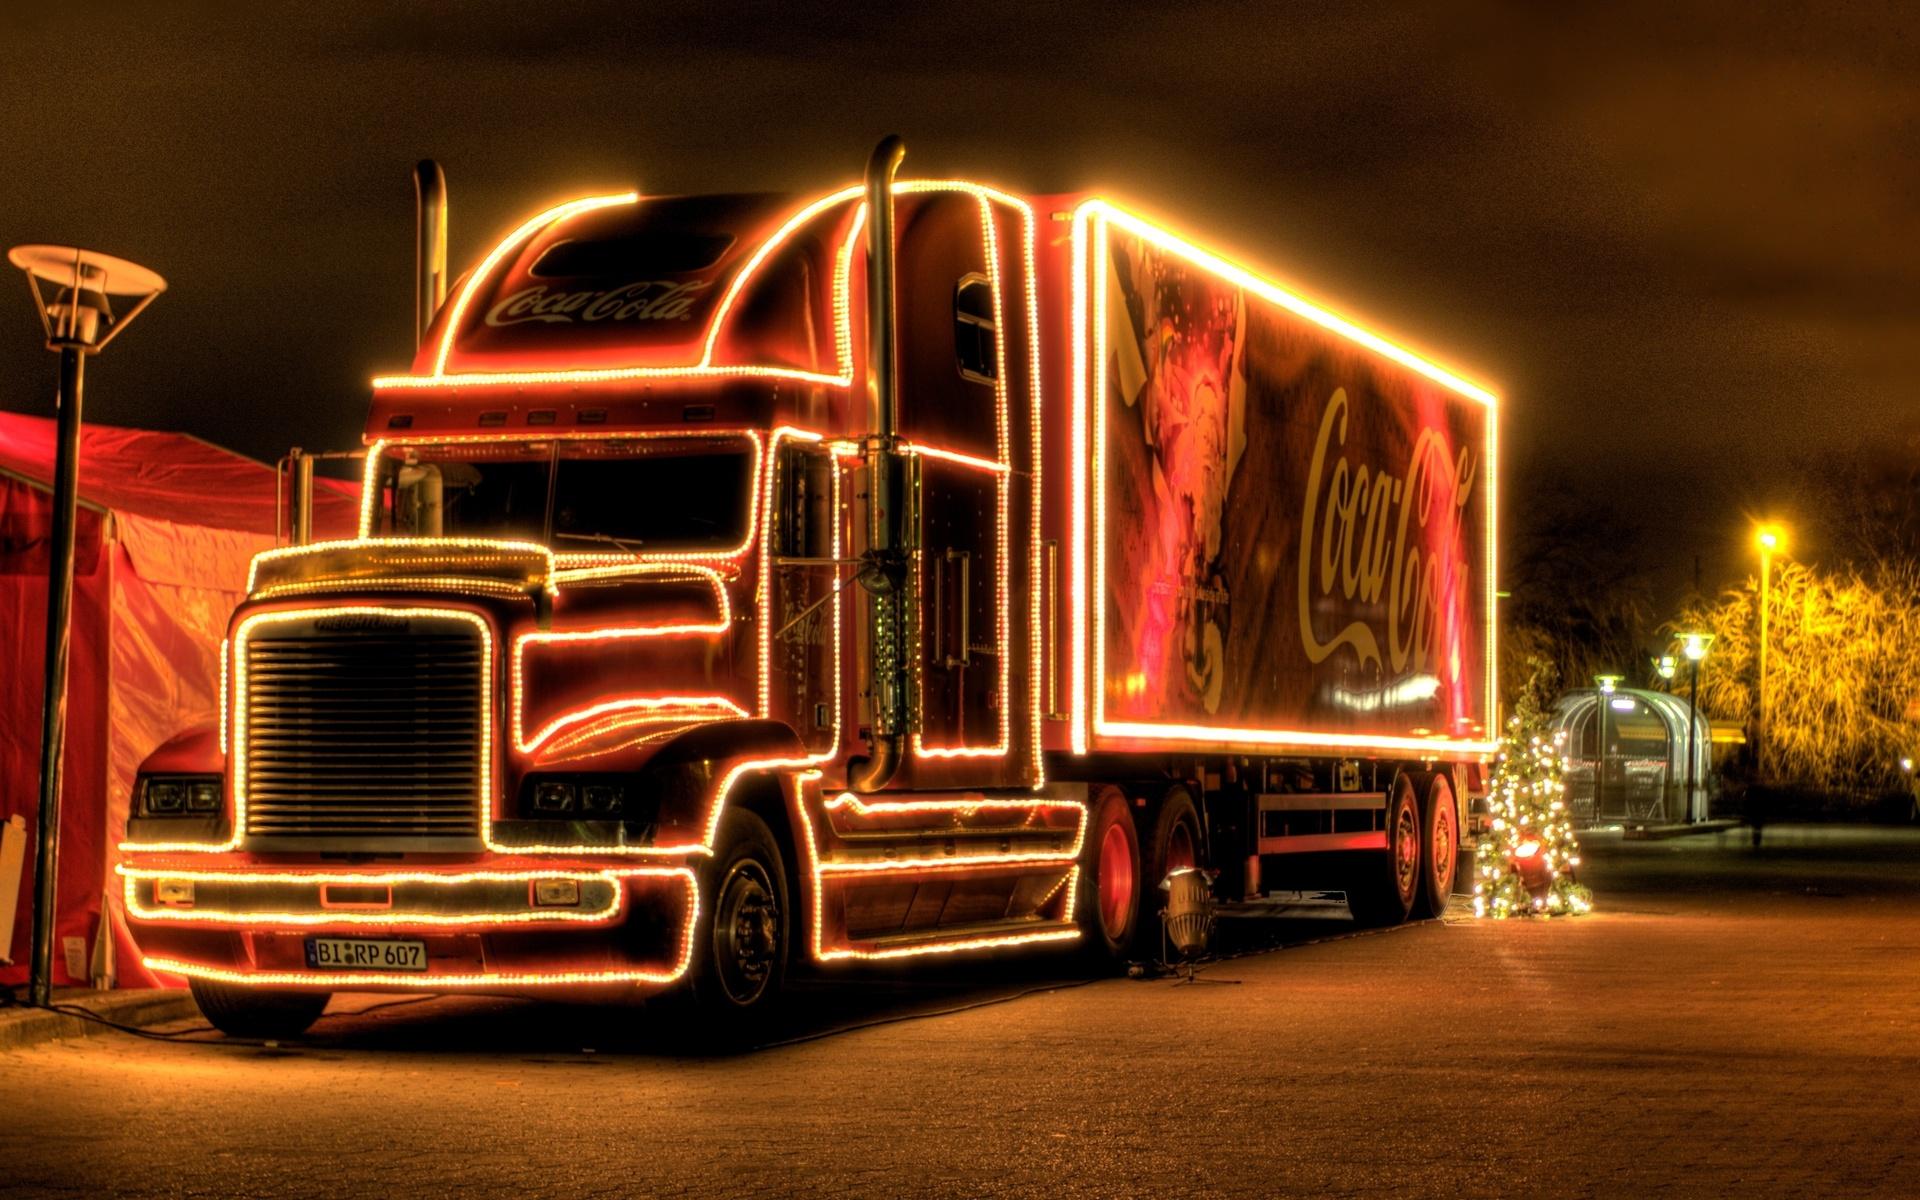 часть прикольные картинки с грузовыми автомобилями вот